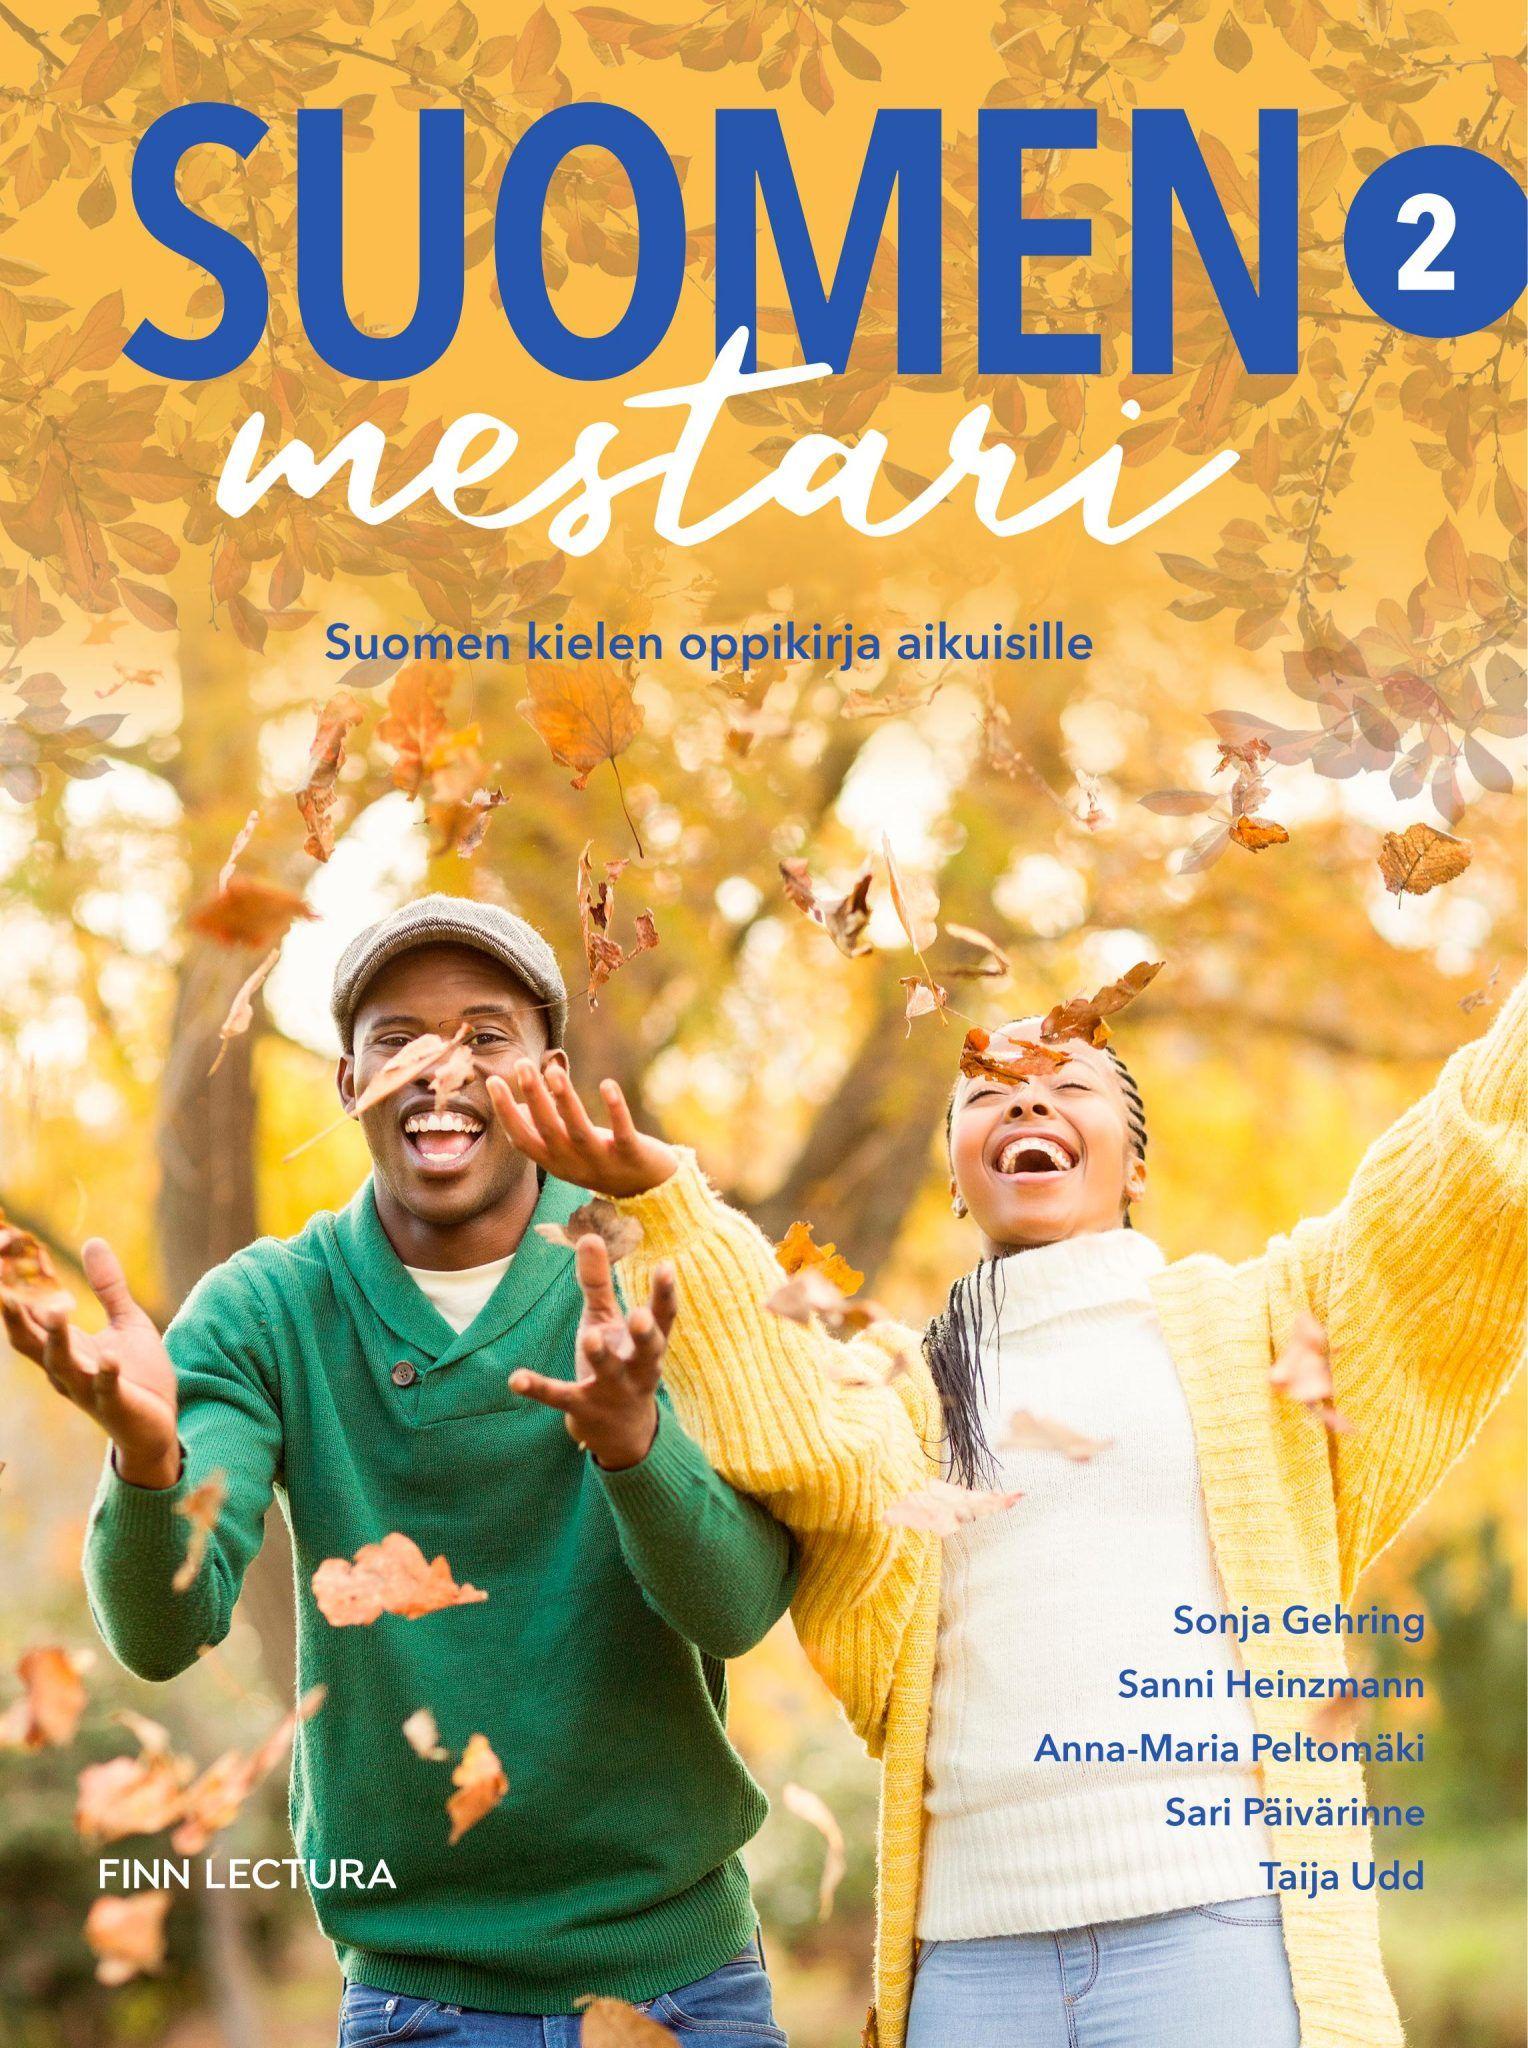 Suomen mestari 2. Учебник. CD заказывается отдельно. Тираж закончился